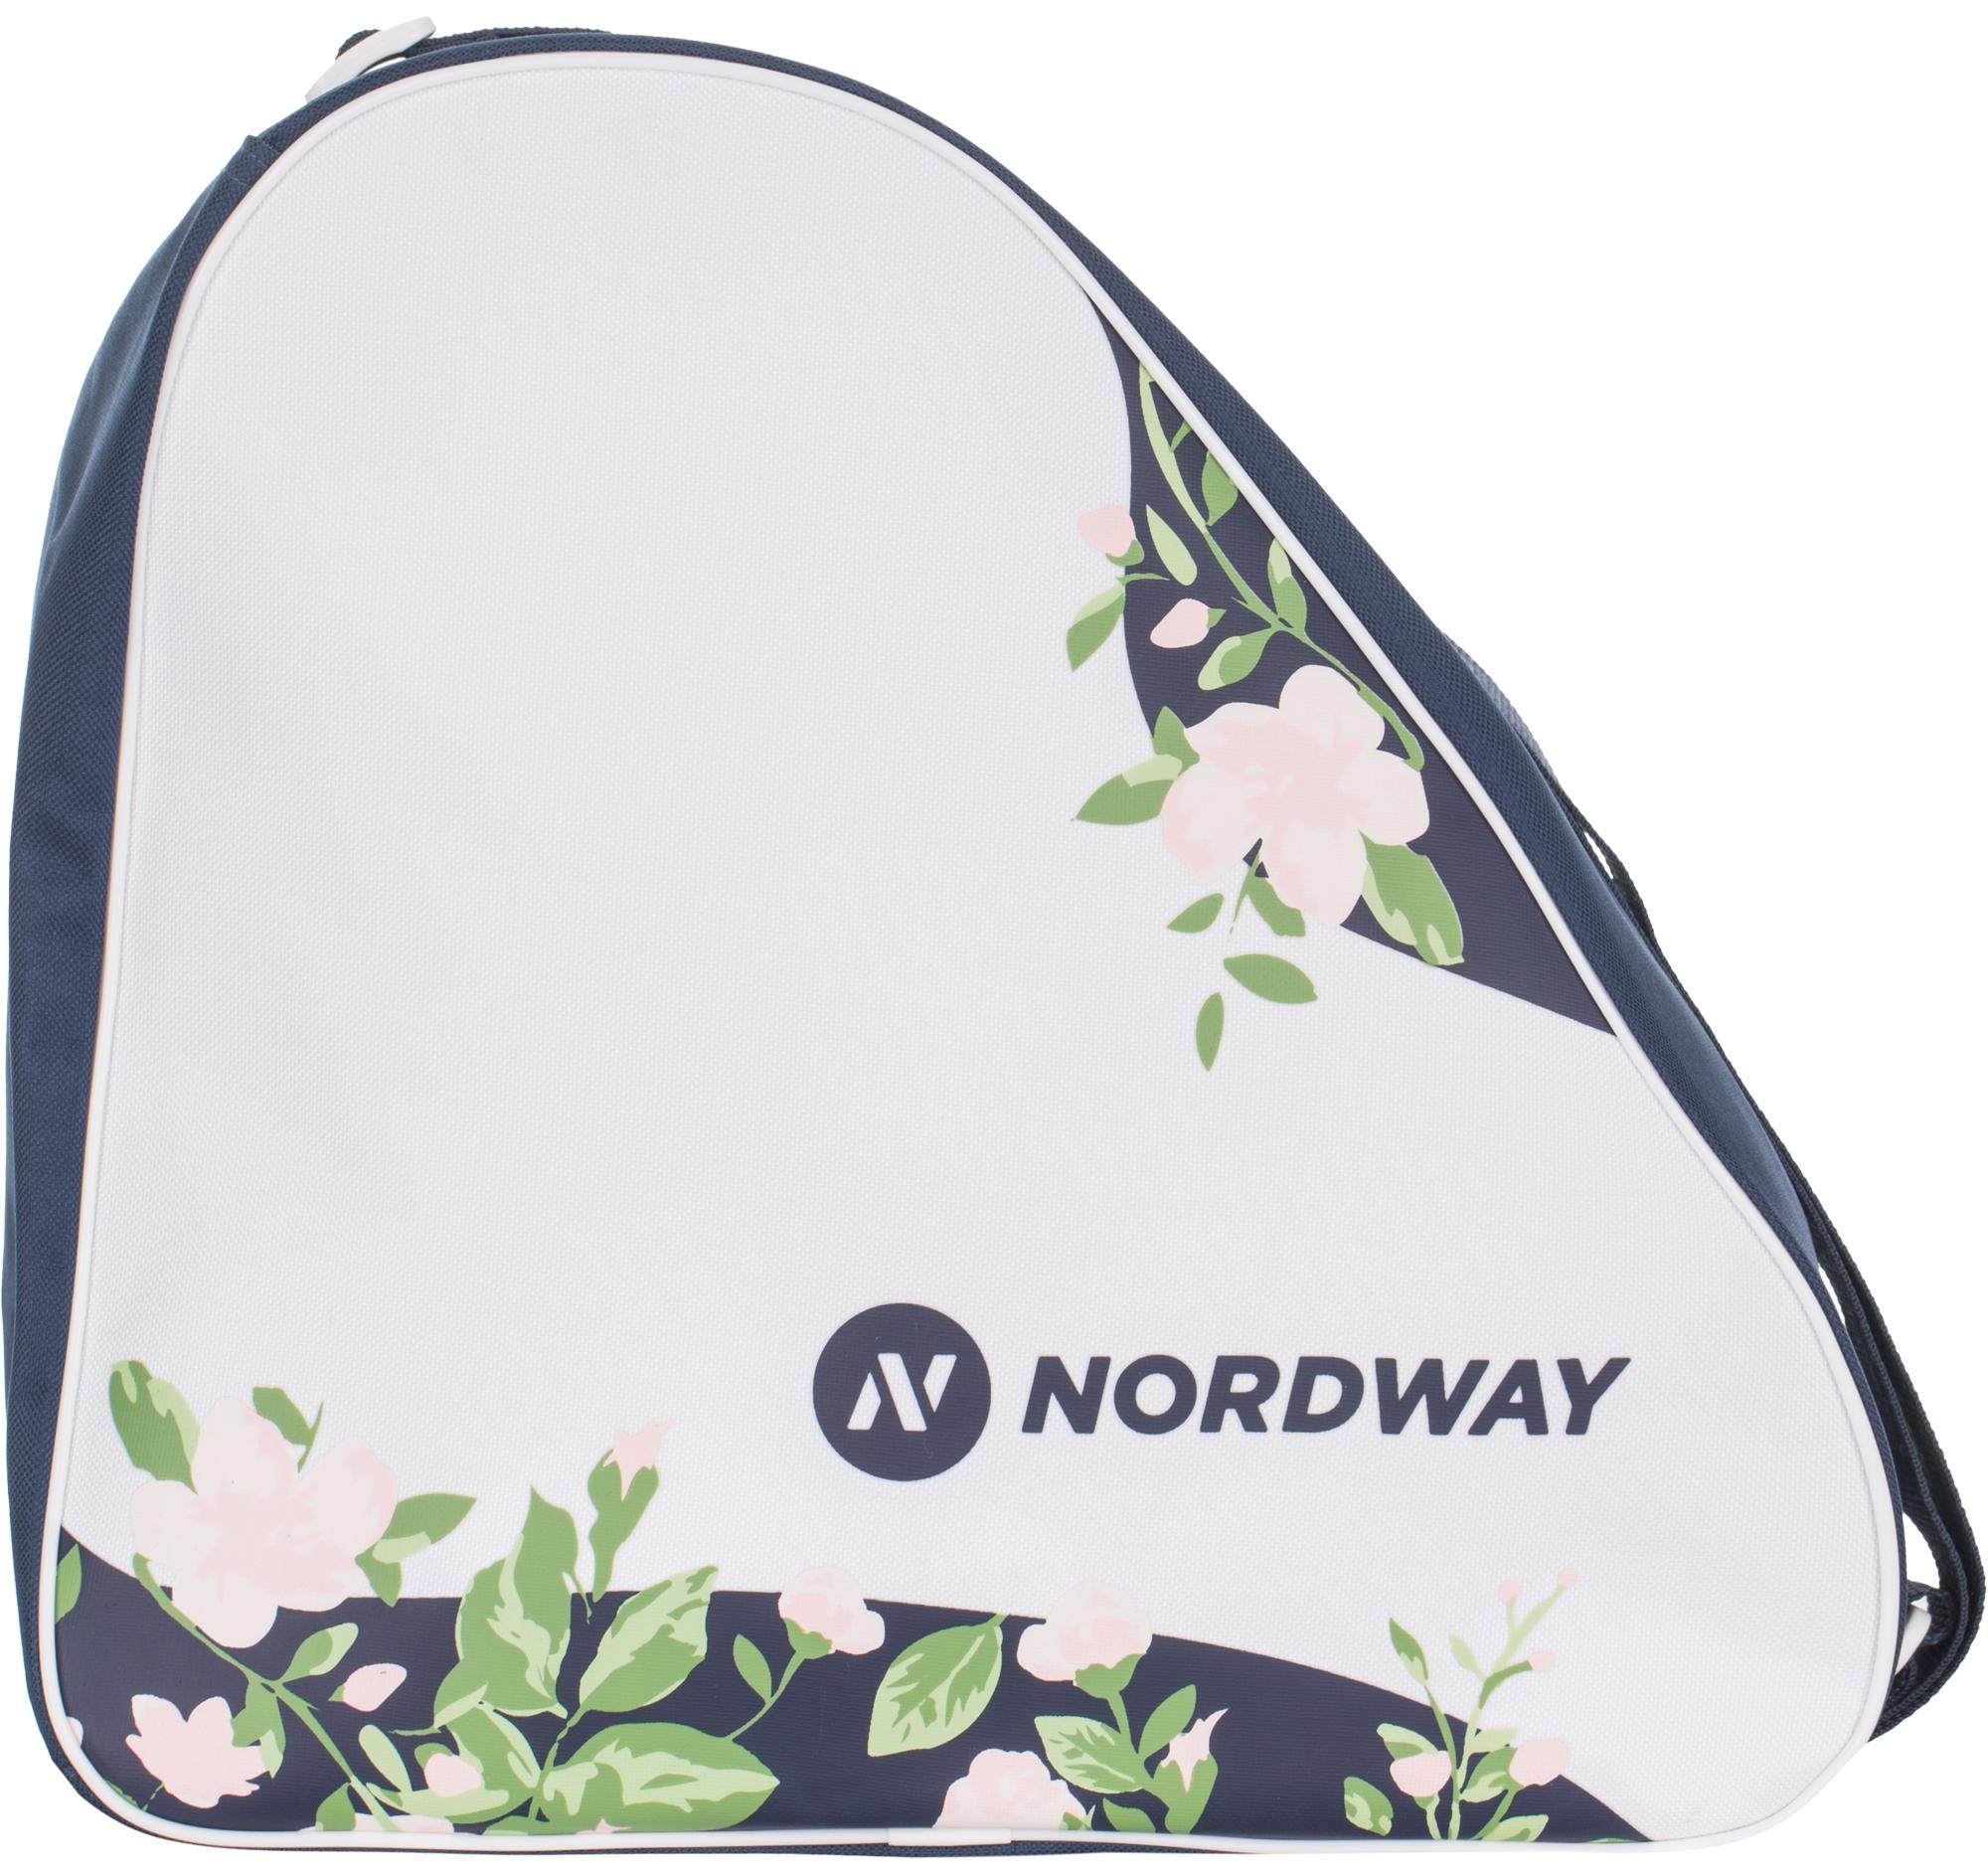 цена на Nordway Сумка для переноски ледовых коньков Nordway, размер Без размера